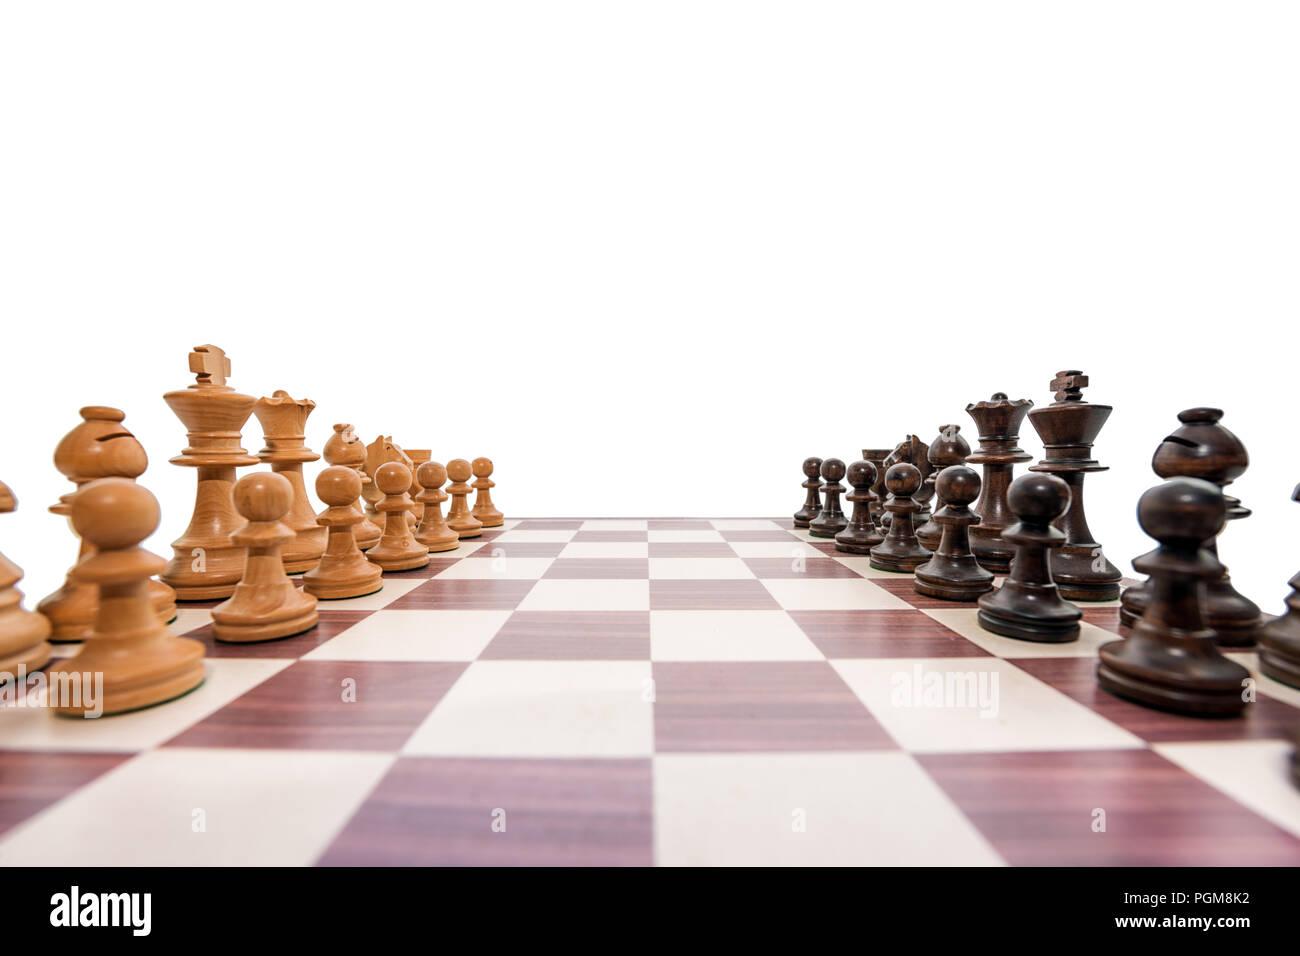 Legno di bosso scacchiera su sfondo bianco ampia angolazione Immagini Stock